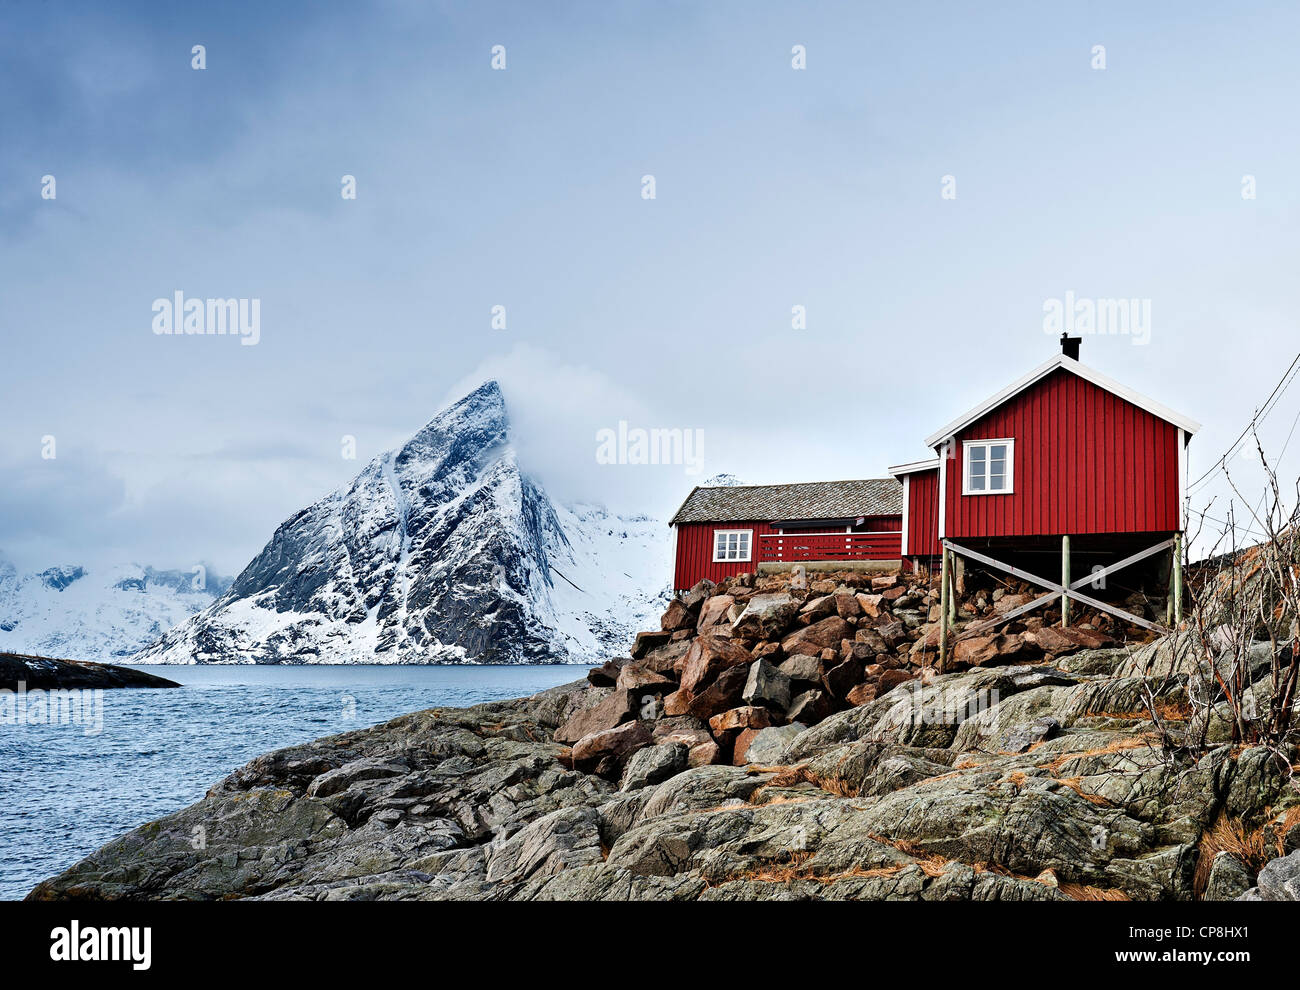 Un Rorbu (cabaña de pescadores, ahora se utiliza como alojamiento de vacaciones) en Hamnoy con Olstind mountain Imagen De Stock